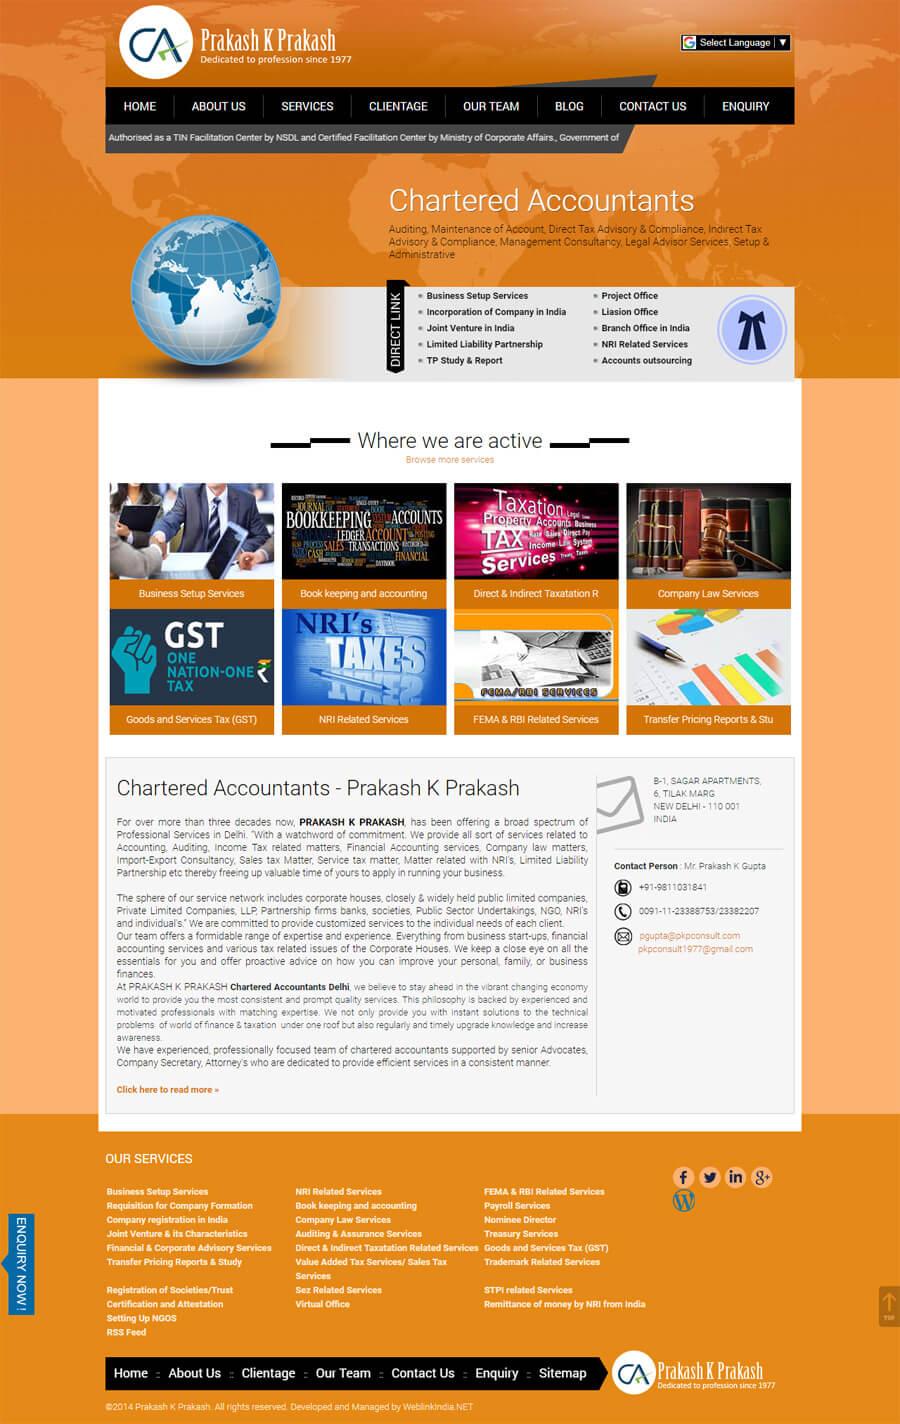 PKP CONSULT - SEO Portfolio